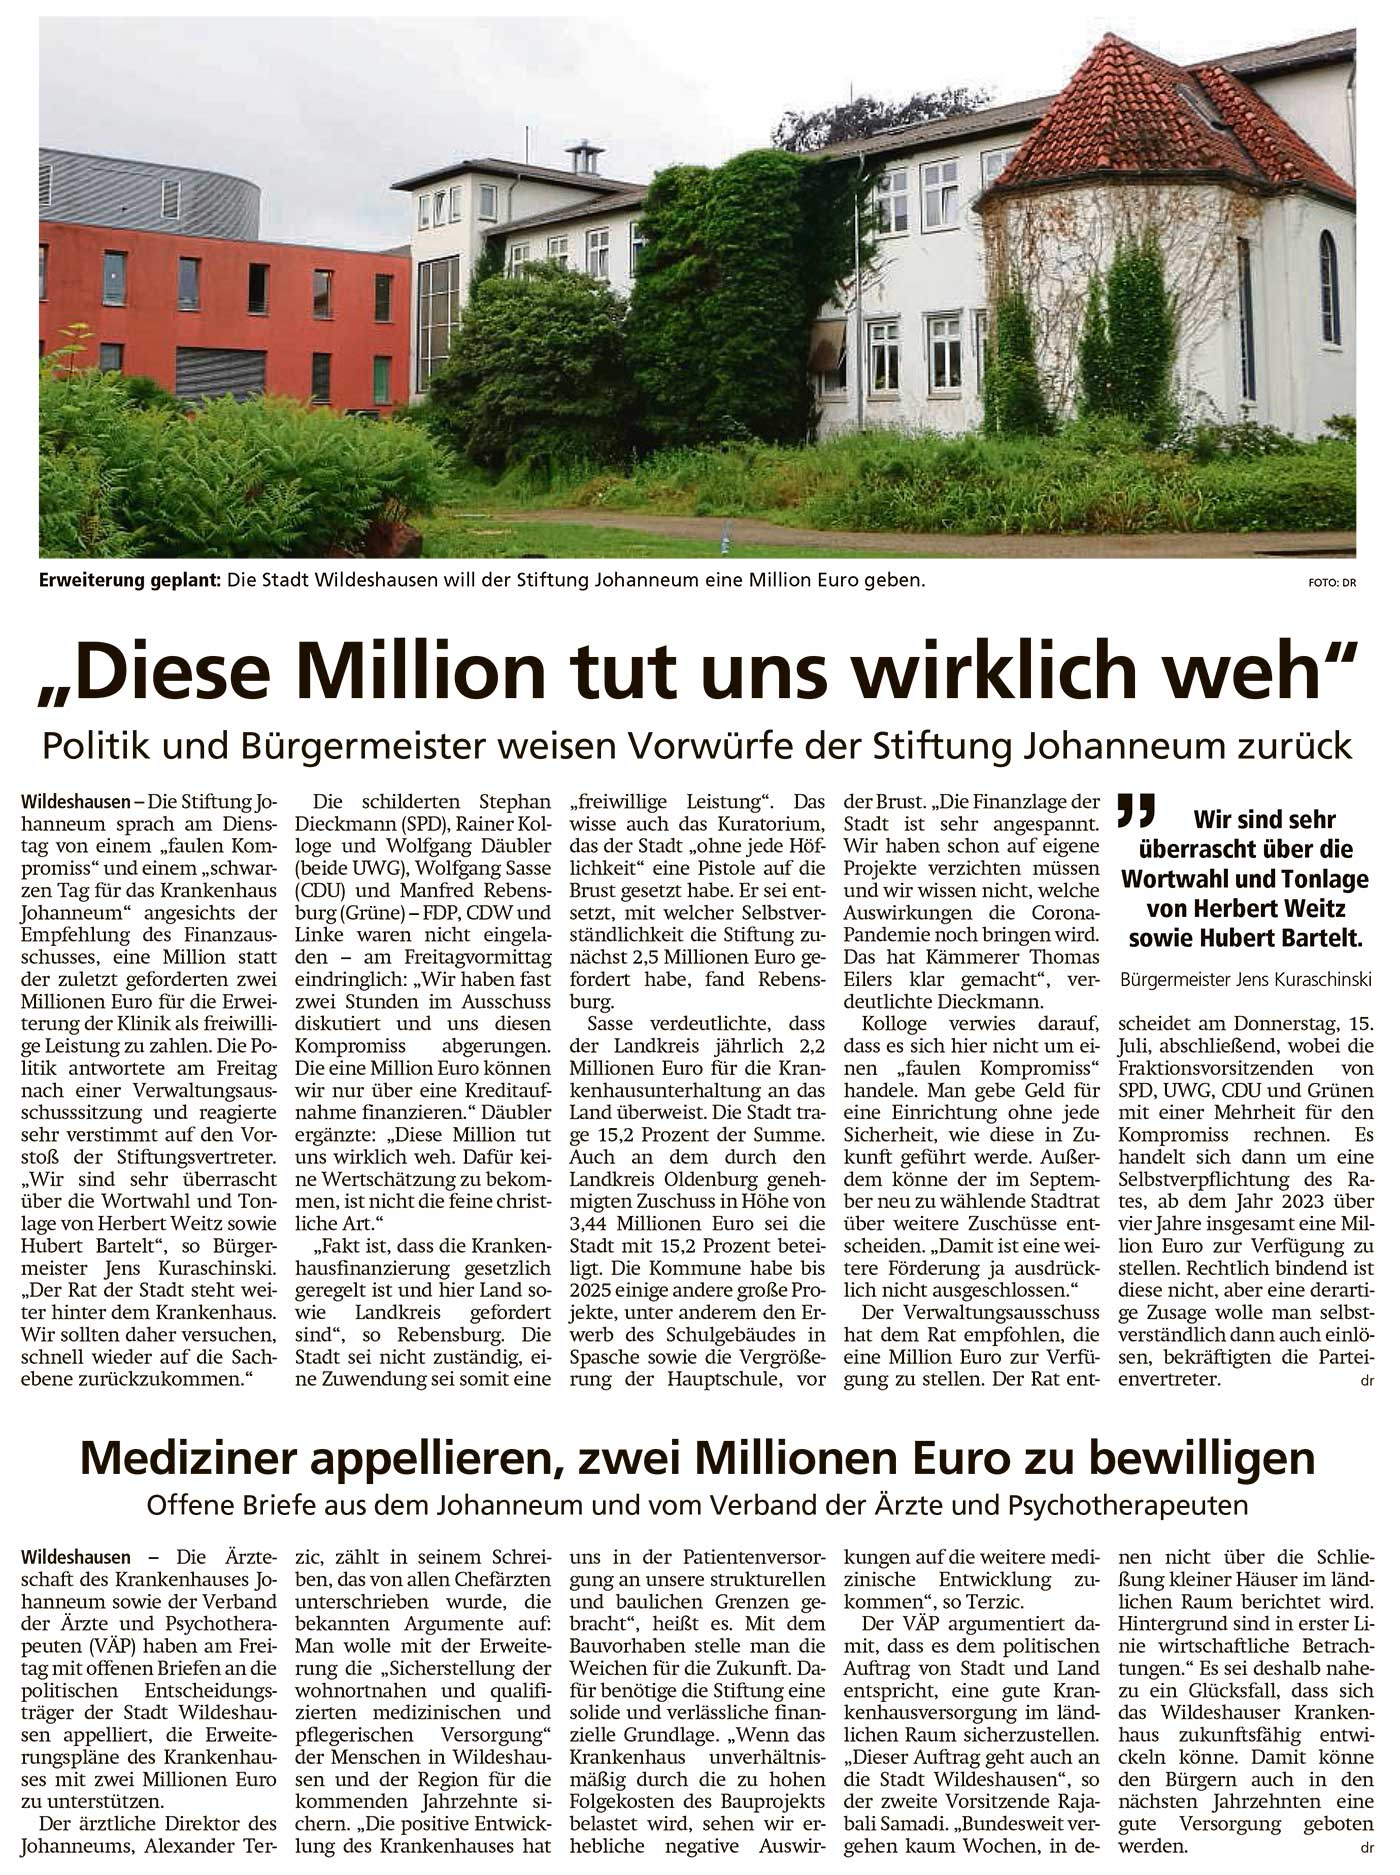 'Diese Million tut uns wirklich weh'Politik und Bürgermeister weisen Vorwürfe der Stiftung Johanneum zurück // Mediziner appellieren, zwei Millionen Euro zu bewilligenArtikel vom 10.07.2021 (WZ)